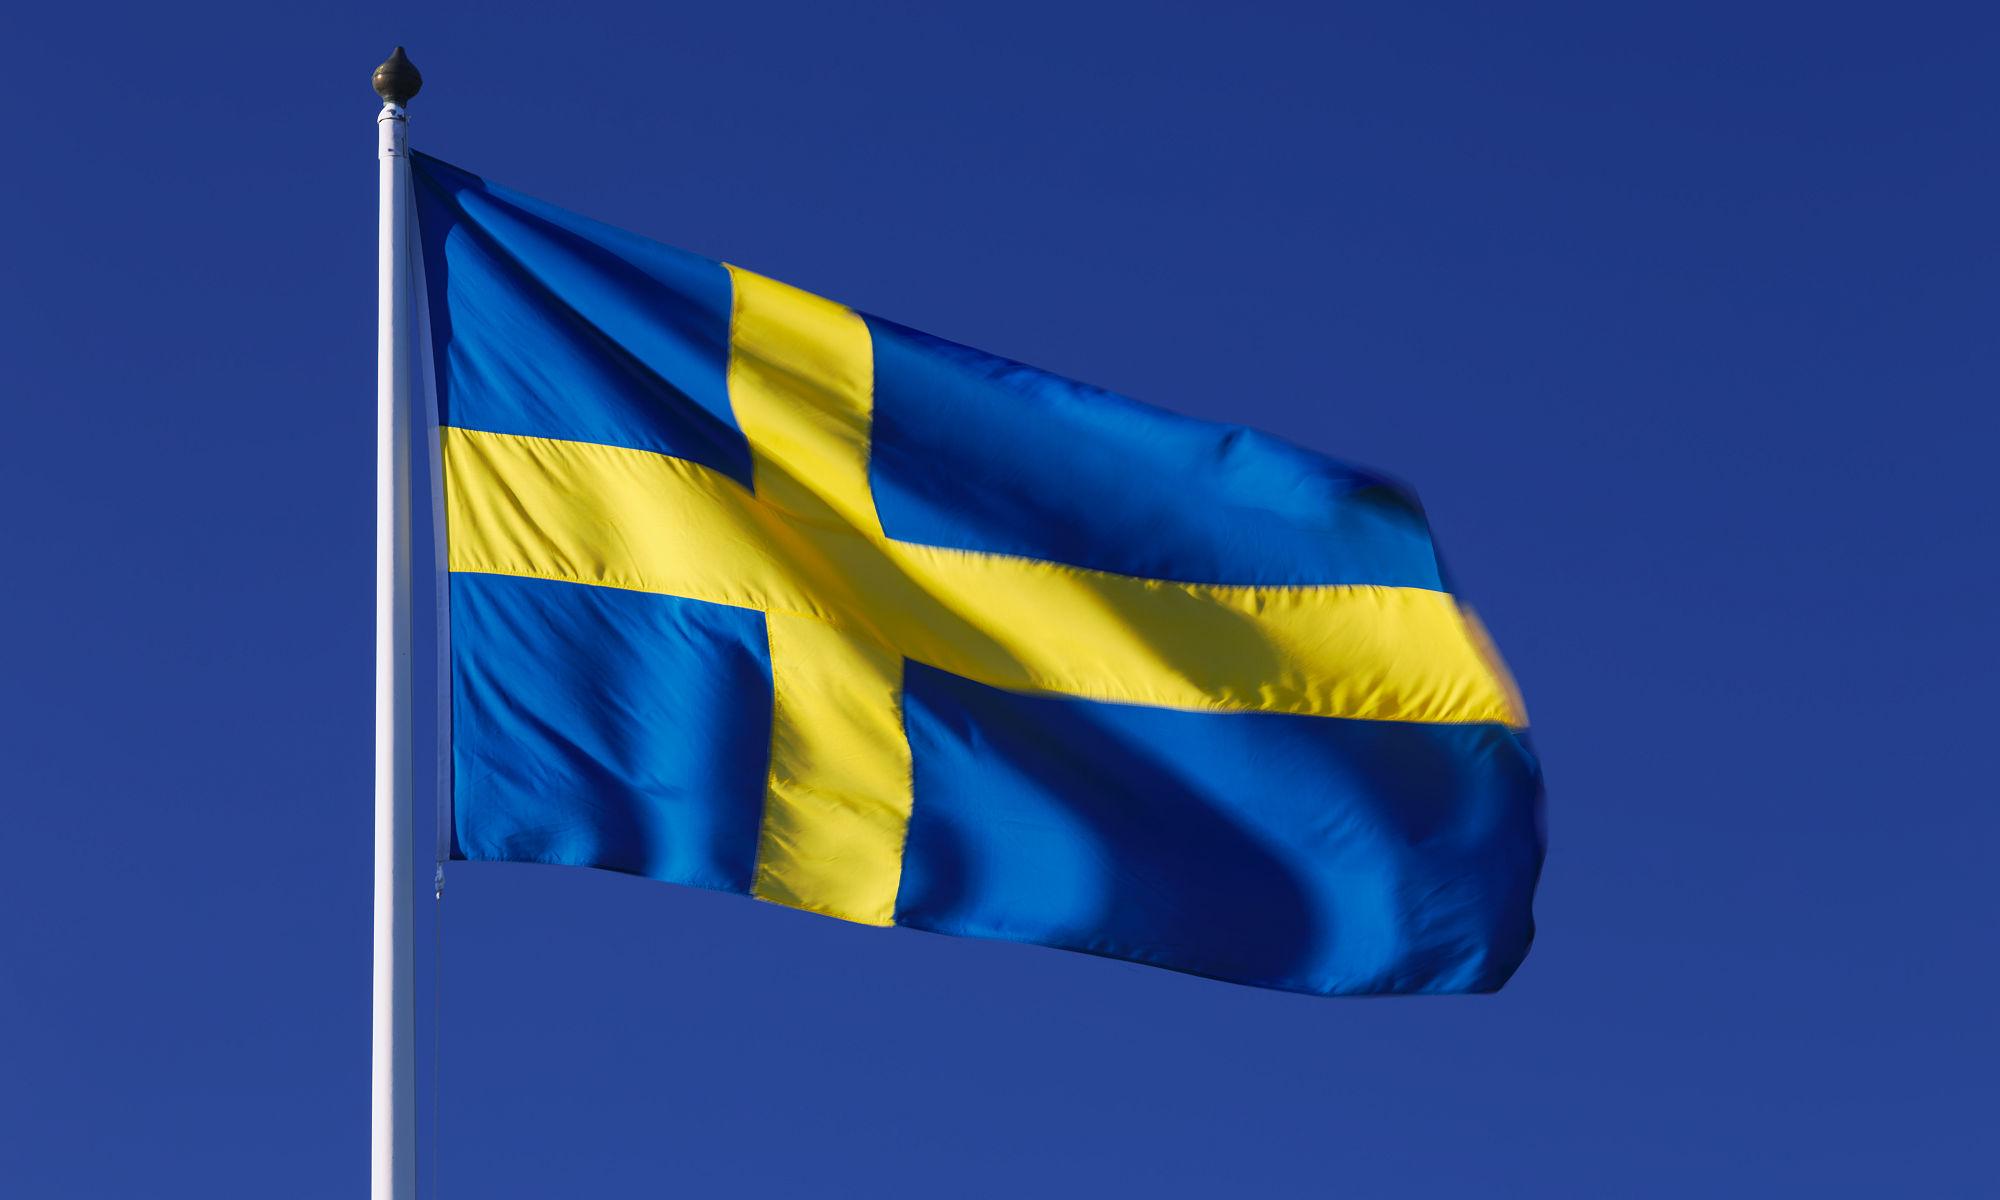 Svenska flaggan med mörkblå himmel